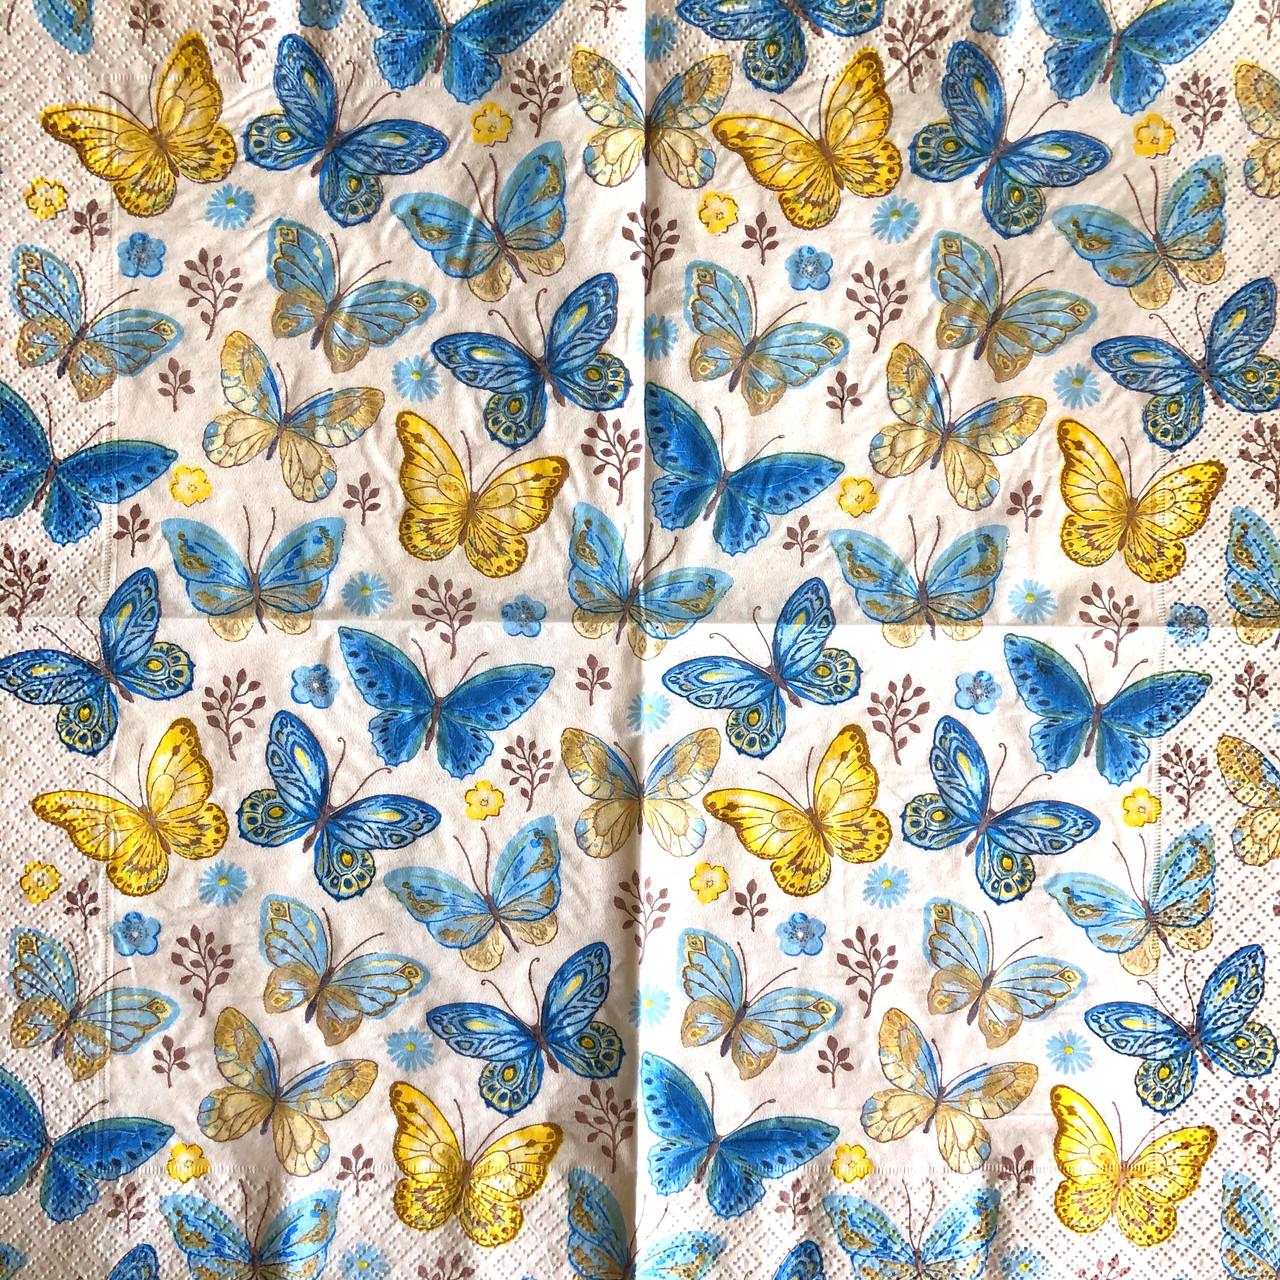 """Салфетки для декупажа 33x33 см 20 """"Бабочки разноцветные"""" салфетка декупажная. Серветка для декупажу"""